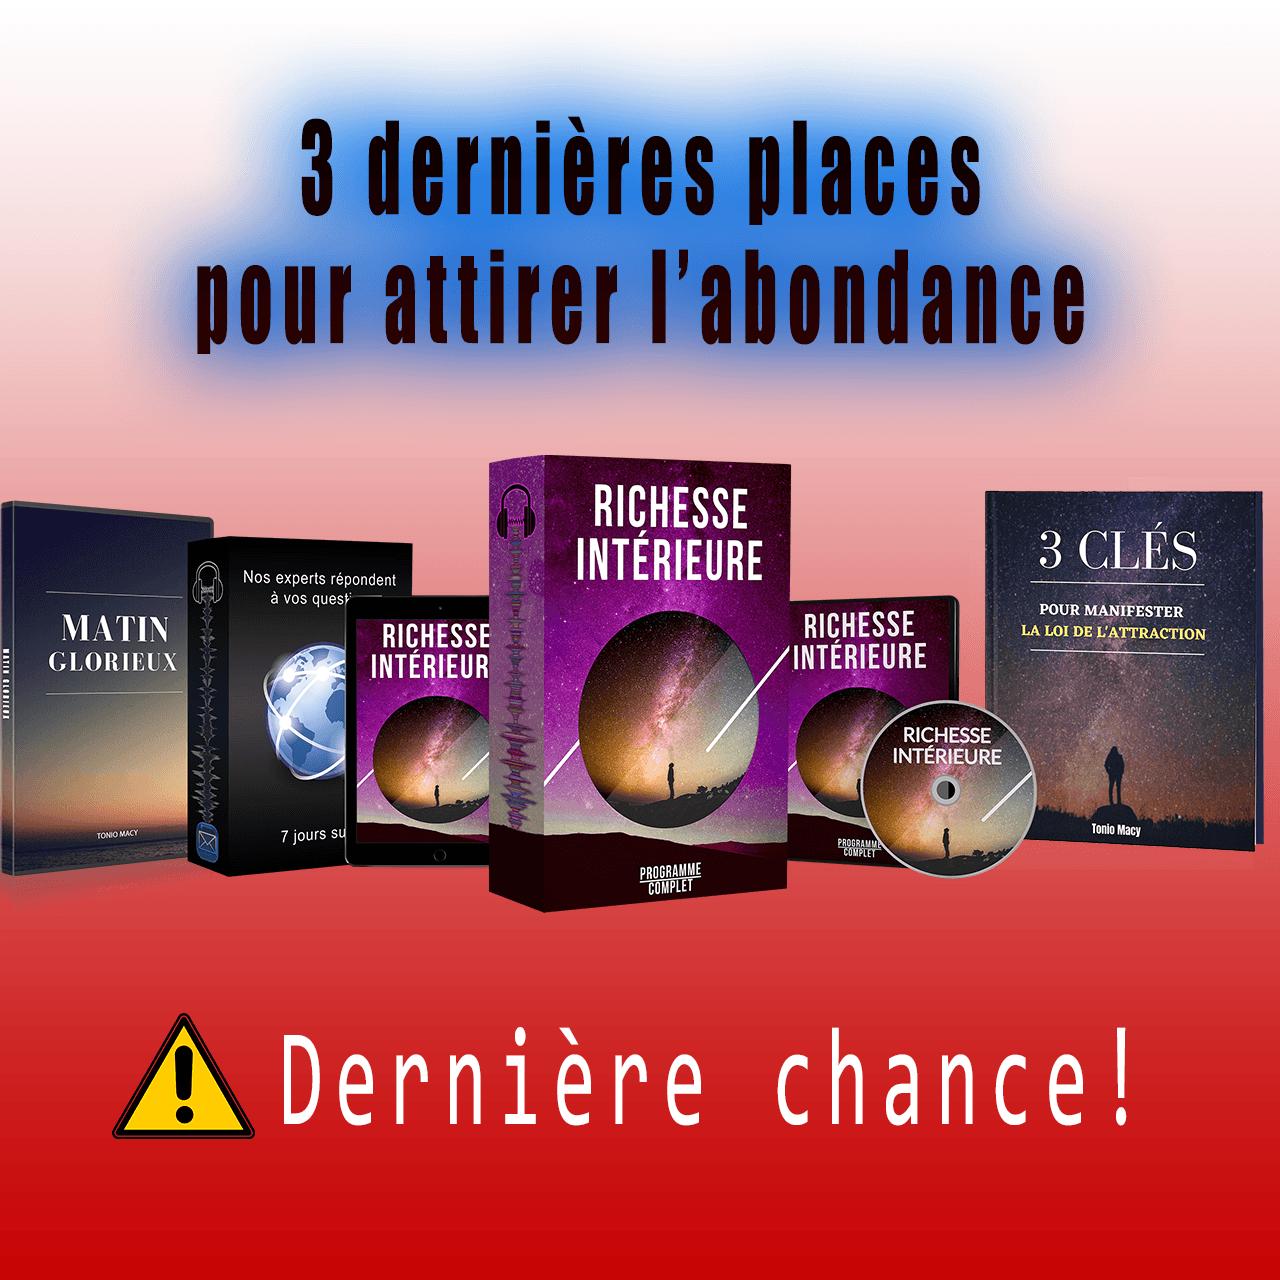 🔮 GROUPE 1 - Le Programme : Richesse Intérieure 🔮